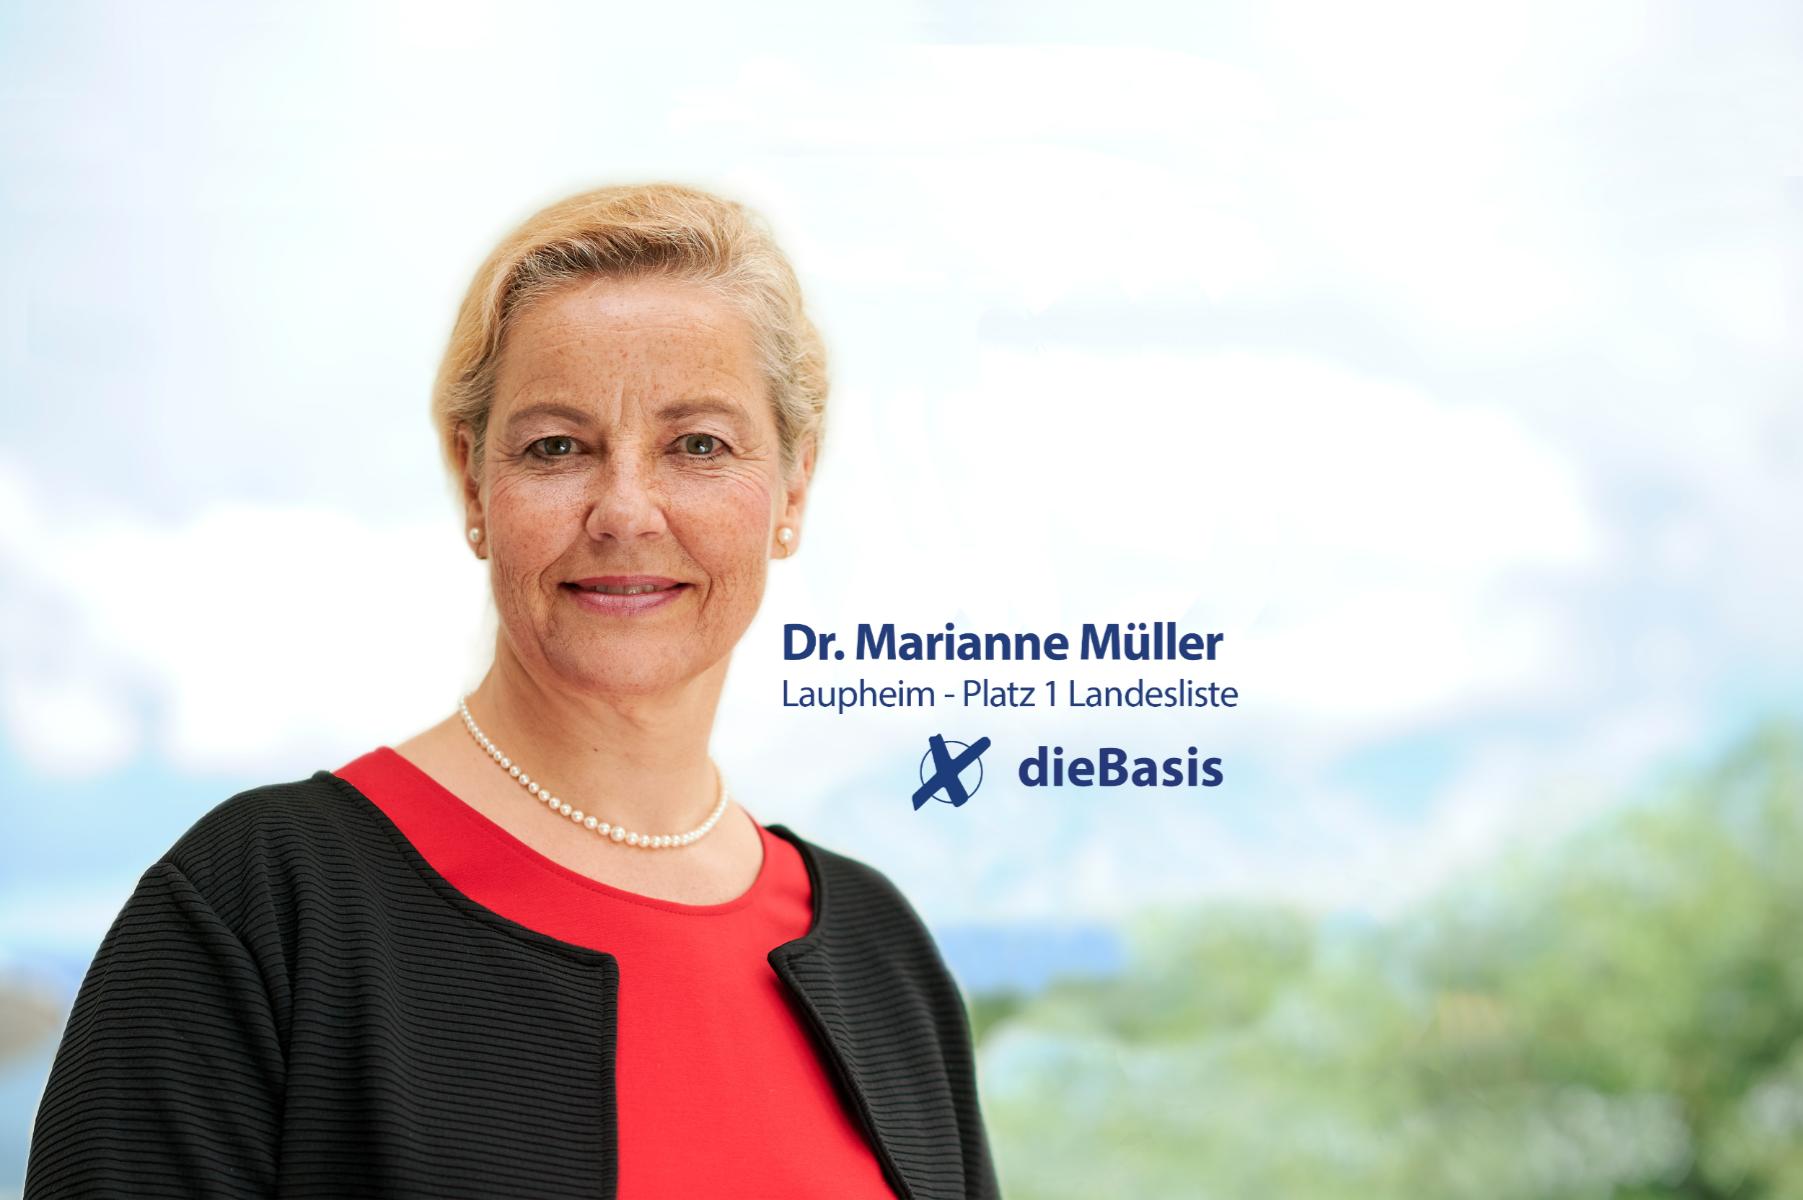 Dr. Marianne Müller